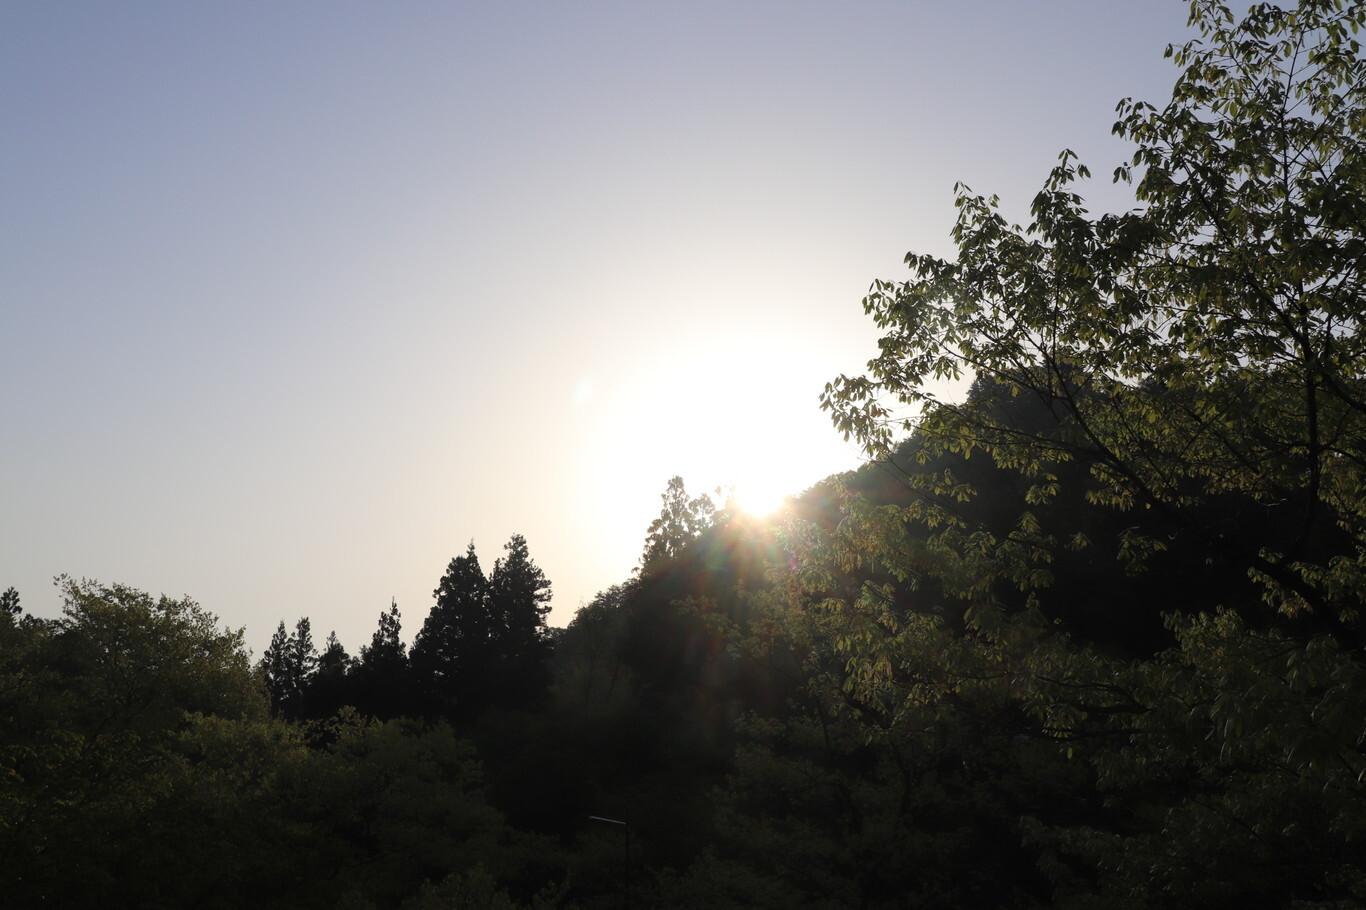 日光まなかの森 キャンプ&リゾート の写真p8956